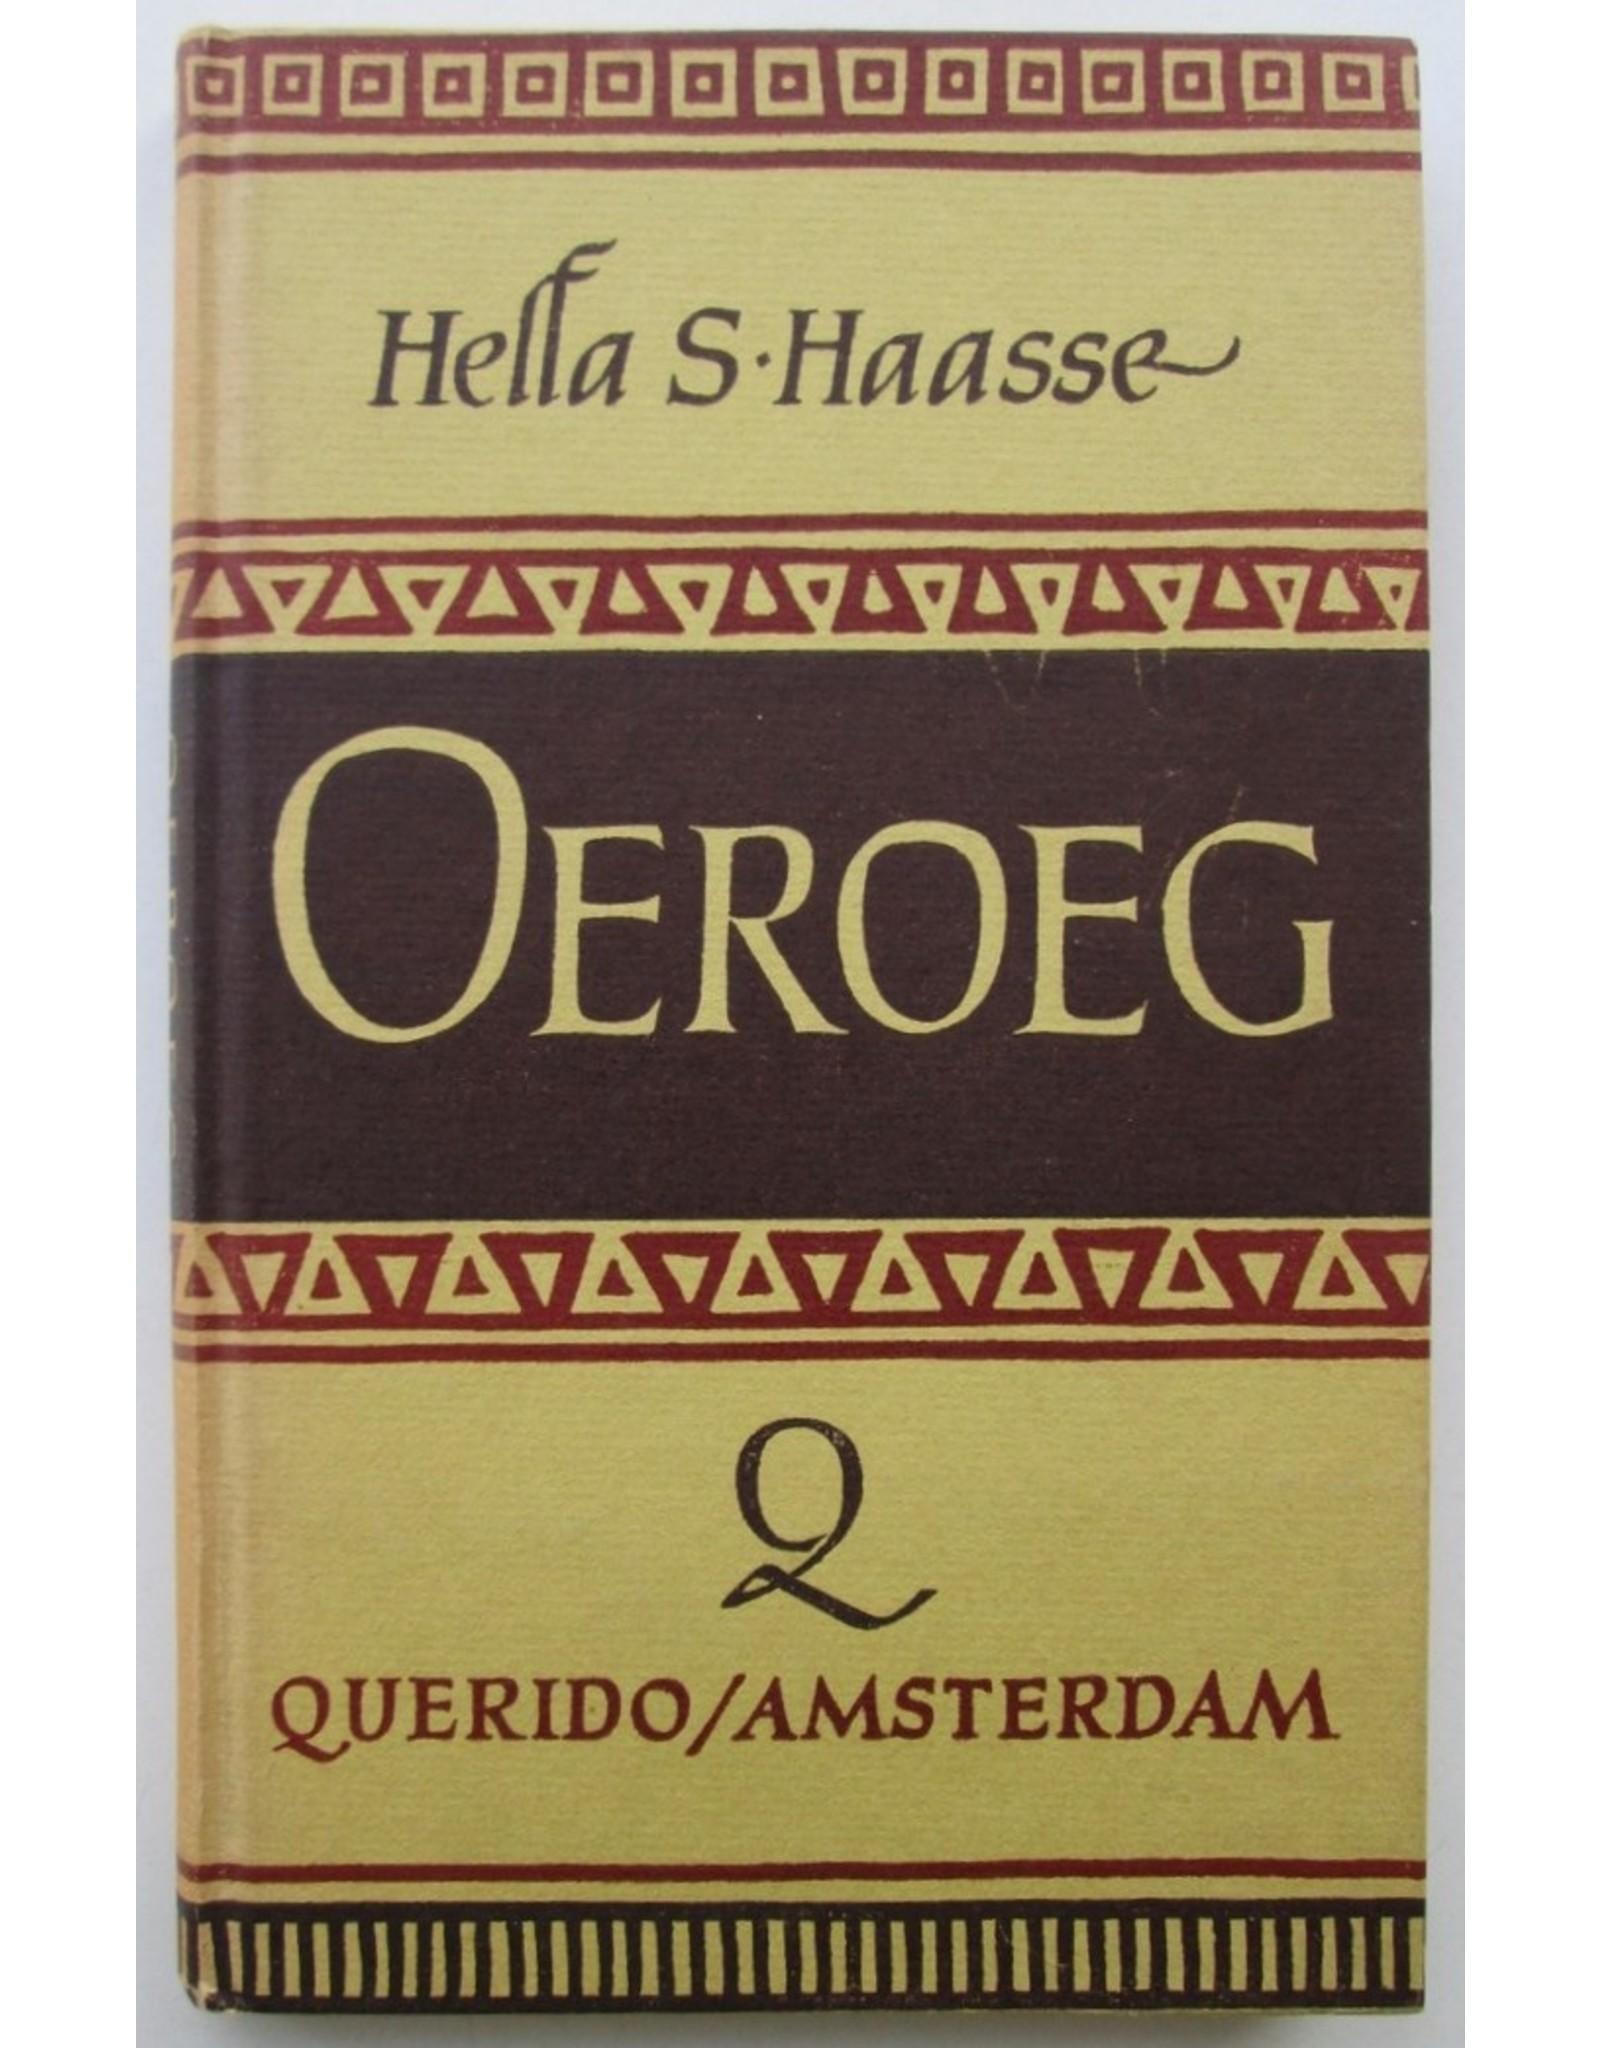 Hella S. Haasse - Oeroeg